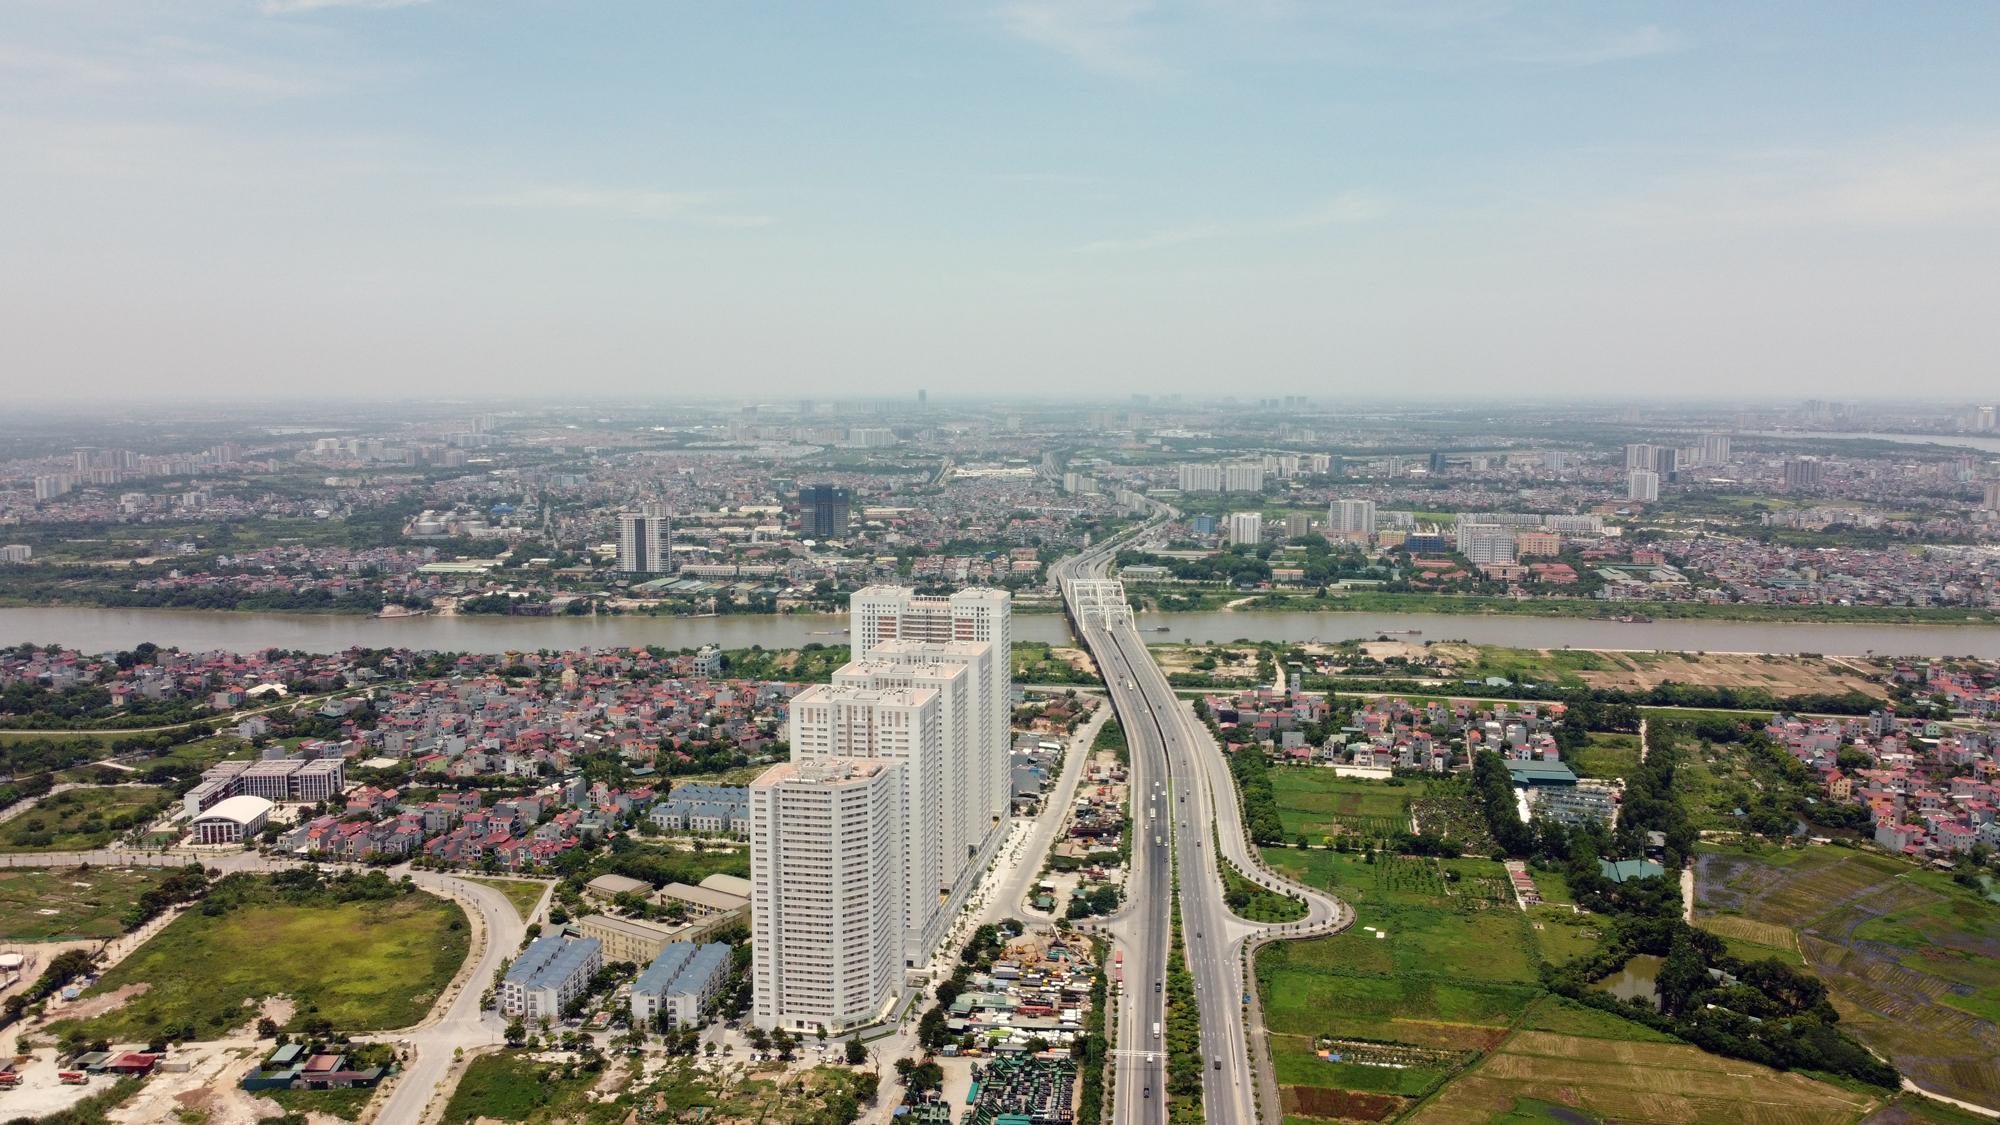 Hà Nội: Toàn cảnh các khu dân cư ven sông Hồng, sông Đuống thuộc diện di dời - Ảnh 15.